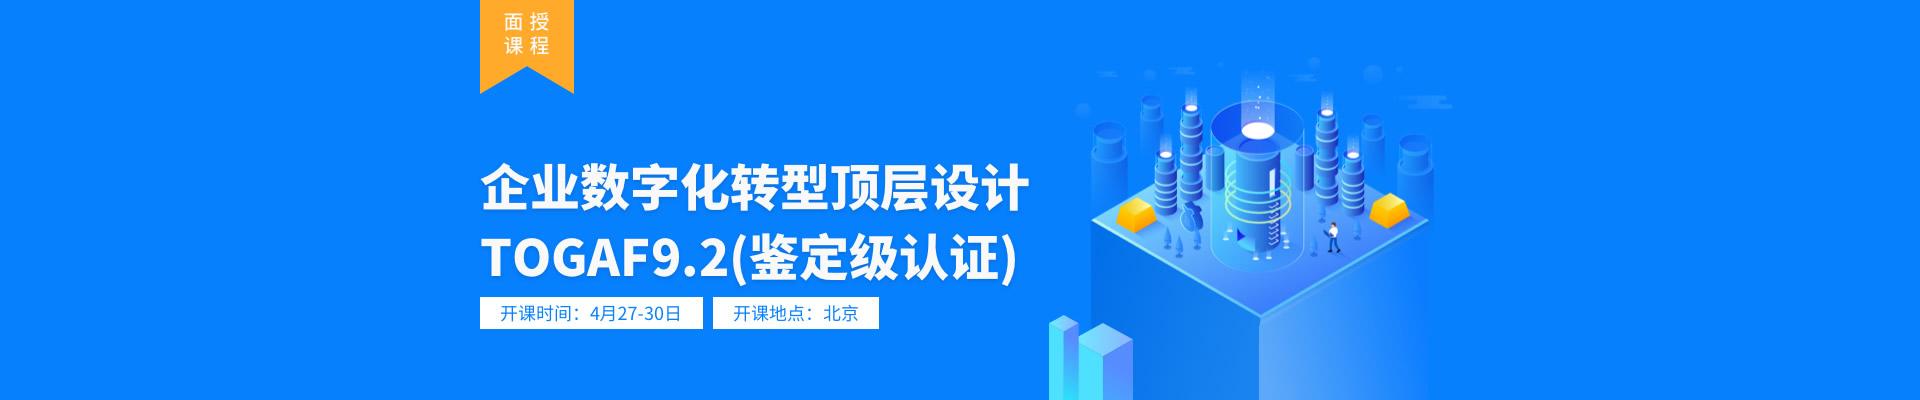 企业数字化转型顶层设计与TOGAF9.2(鉴定级认证)